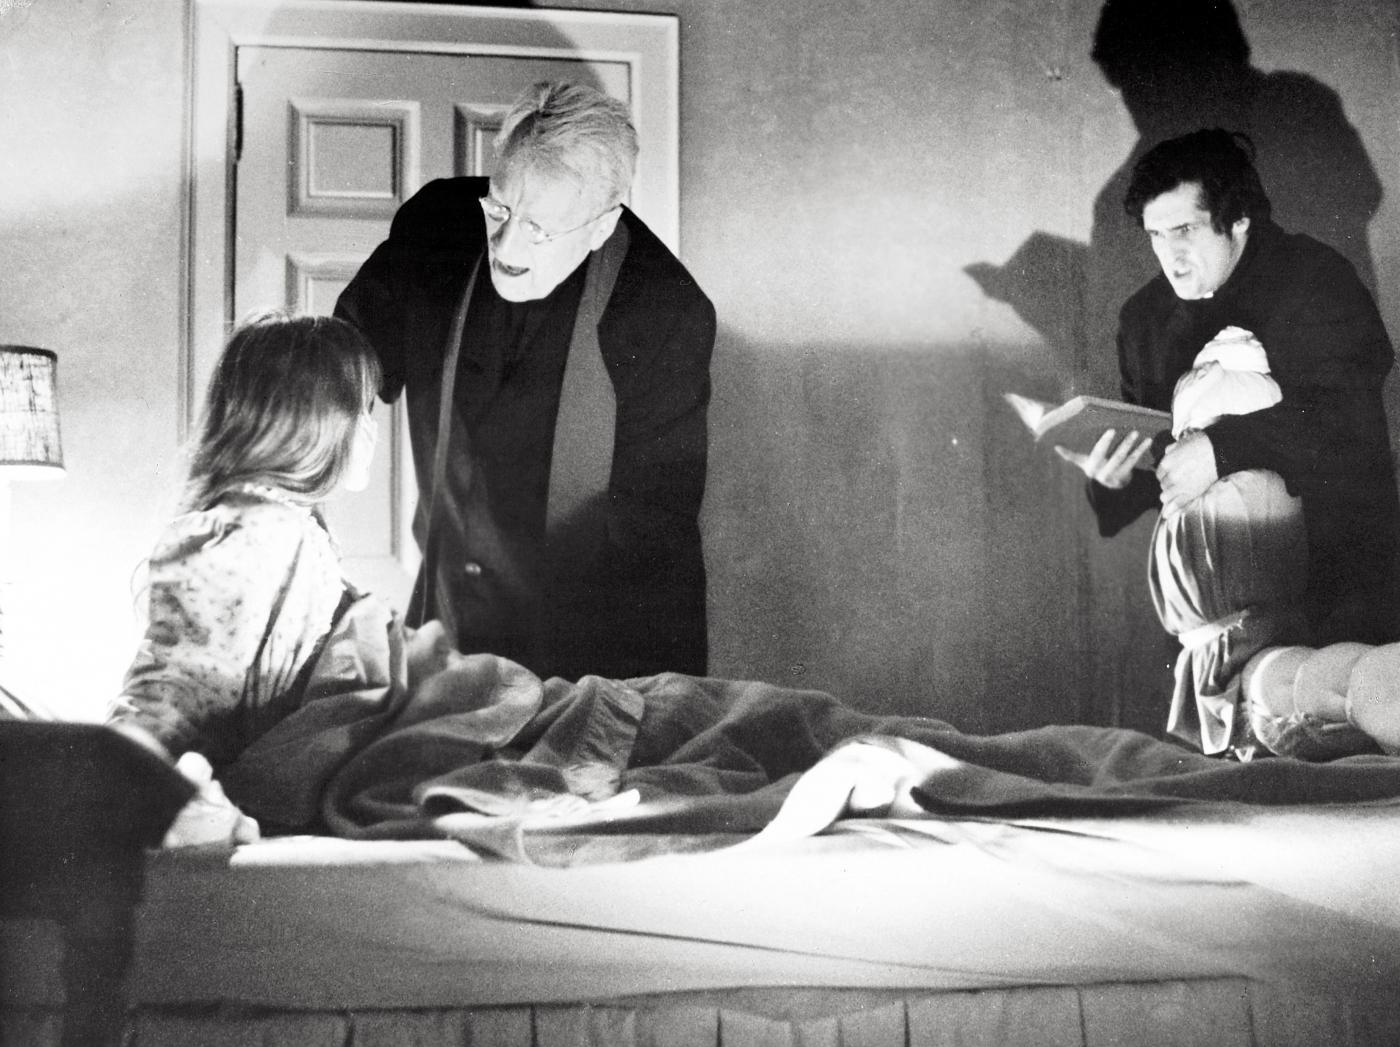 storie-esorcismo-spaventose (1)